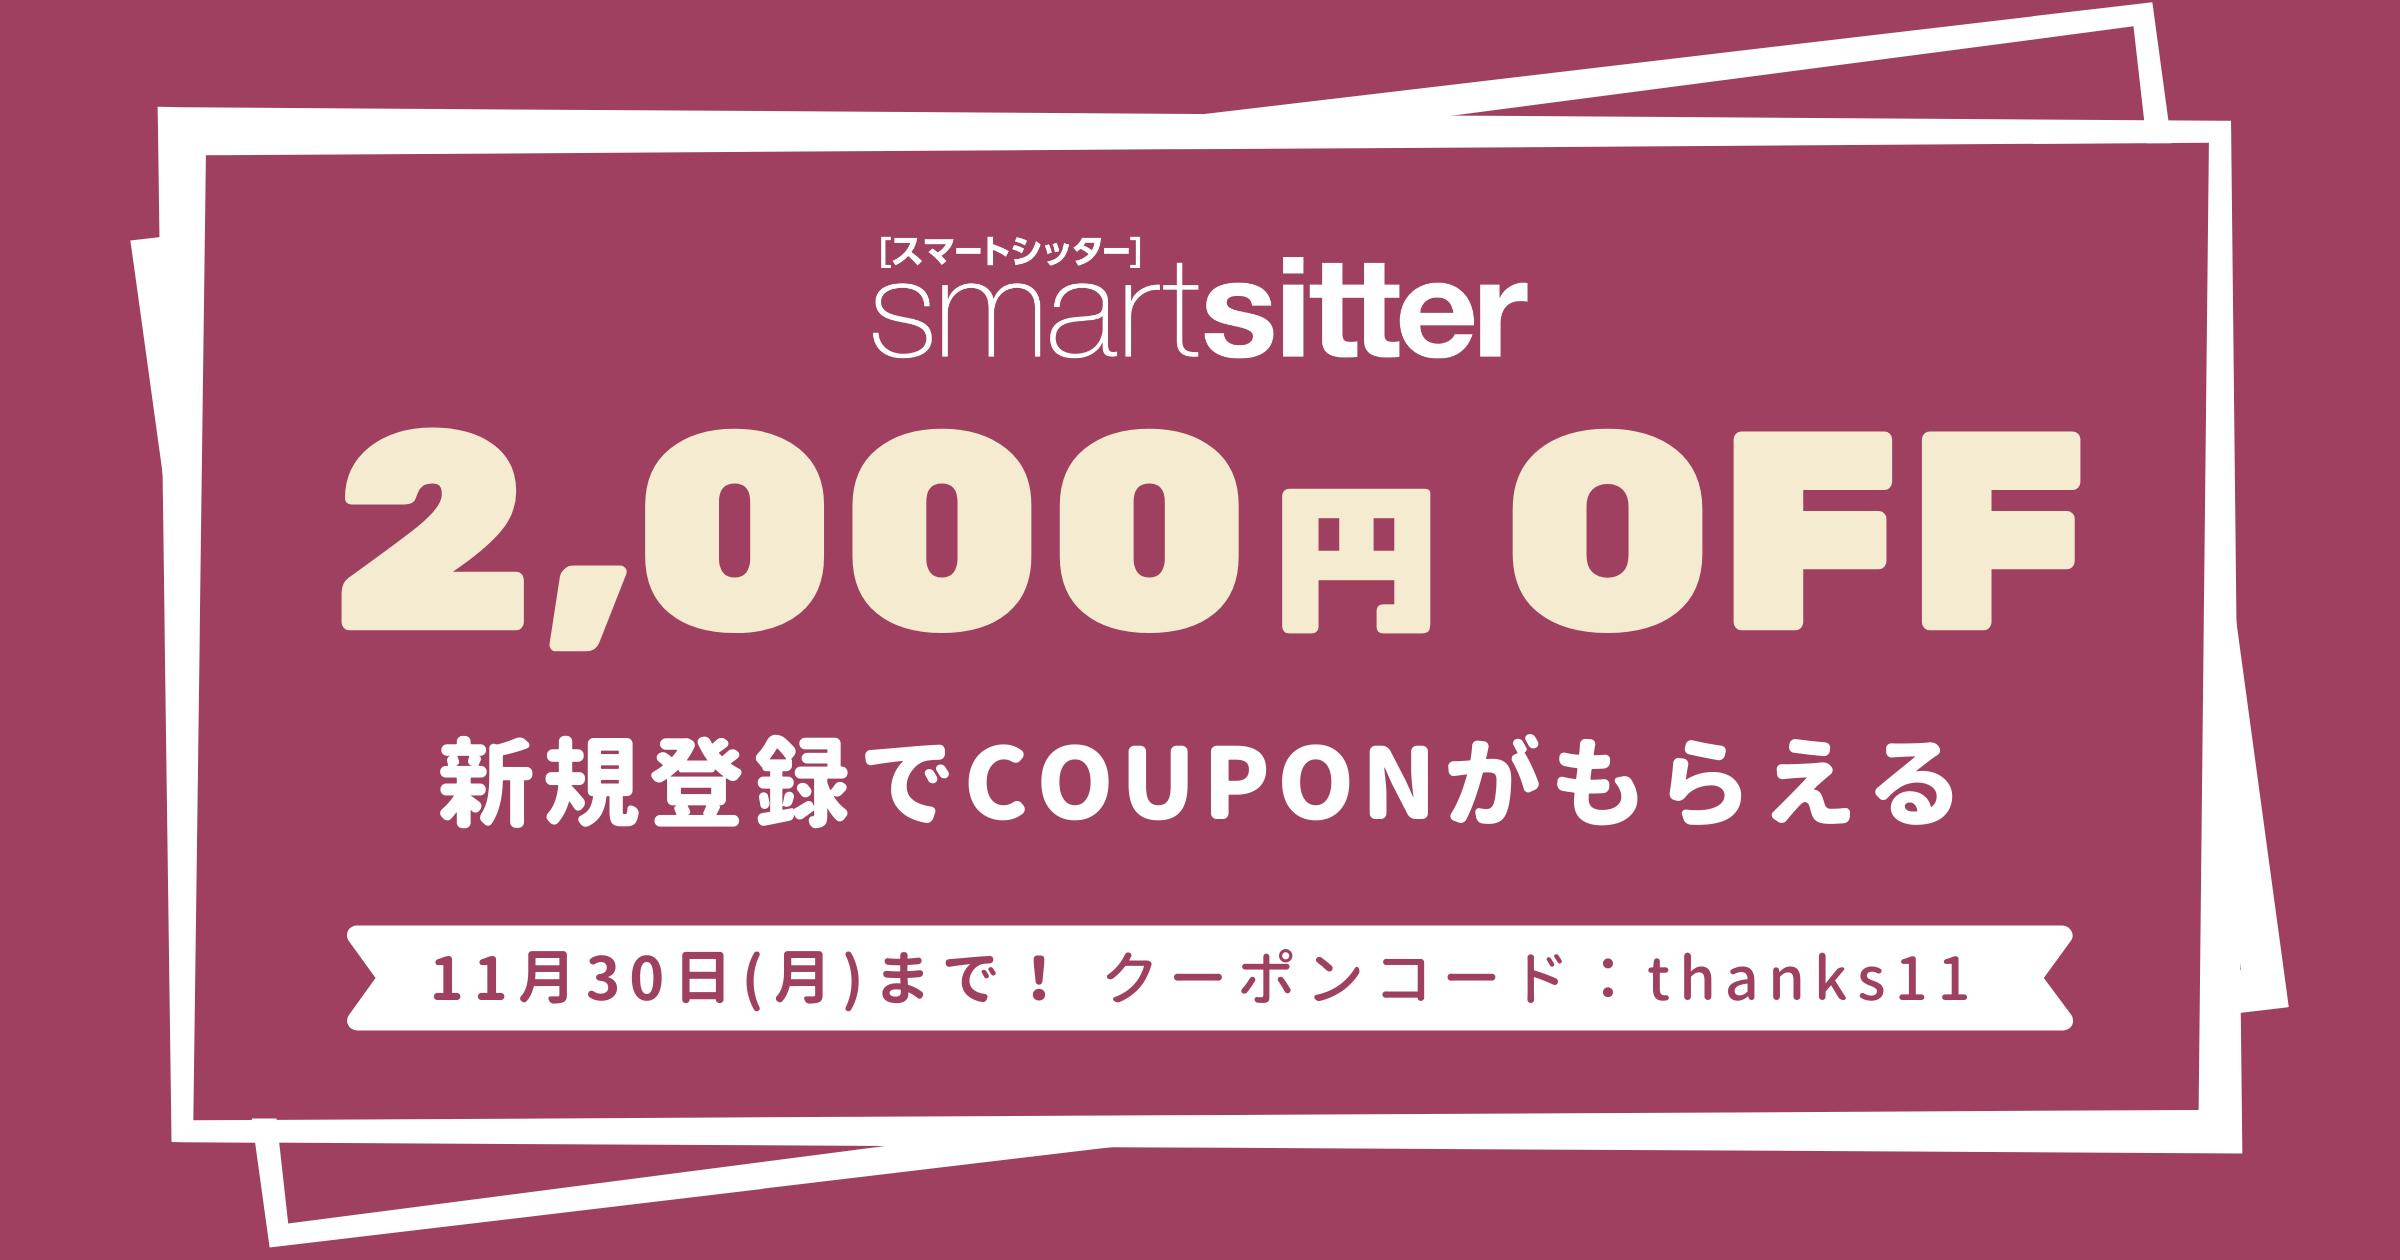 【11月新規登録キャンペーン】2,000円クーポンプレゼント!